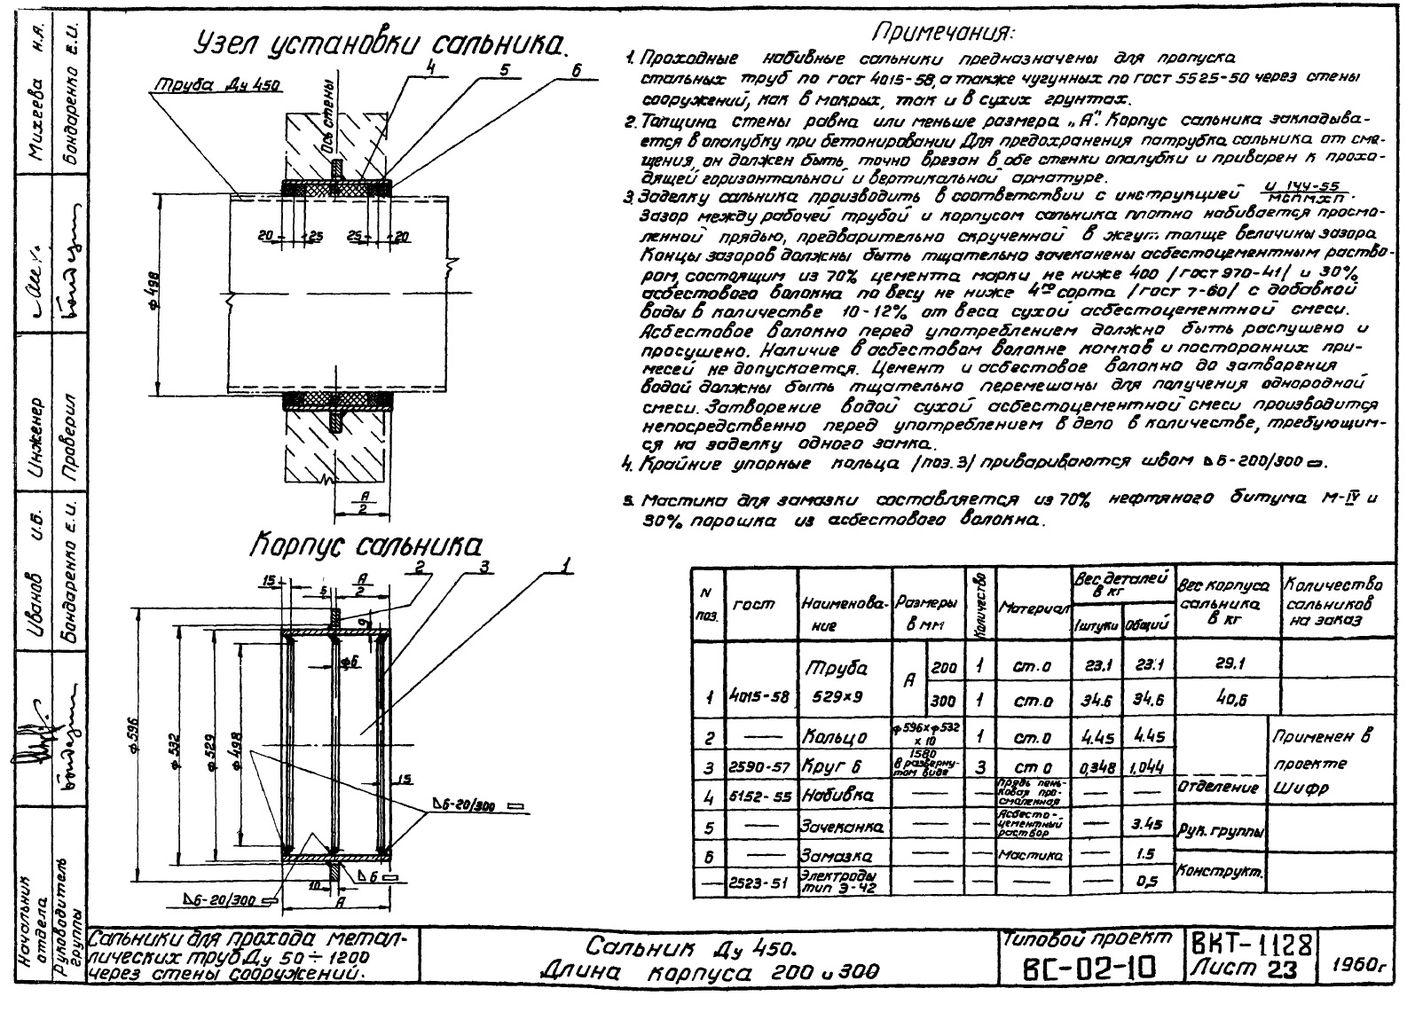 Сальники набивные L = 200 мм типовой проект ВС-02-10 стр.11